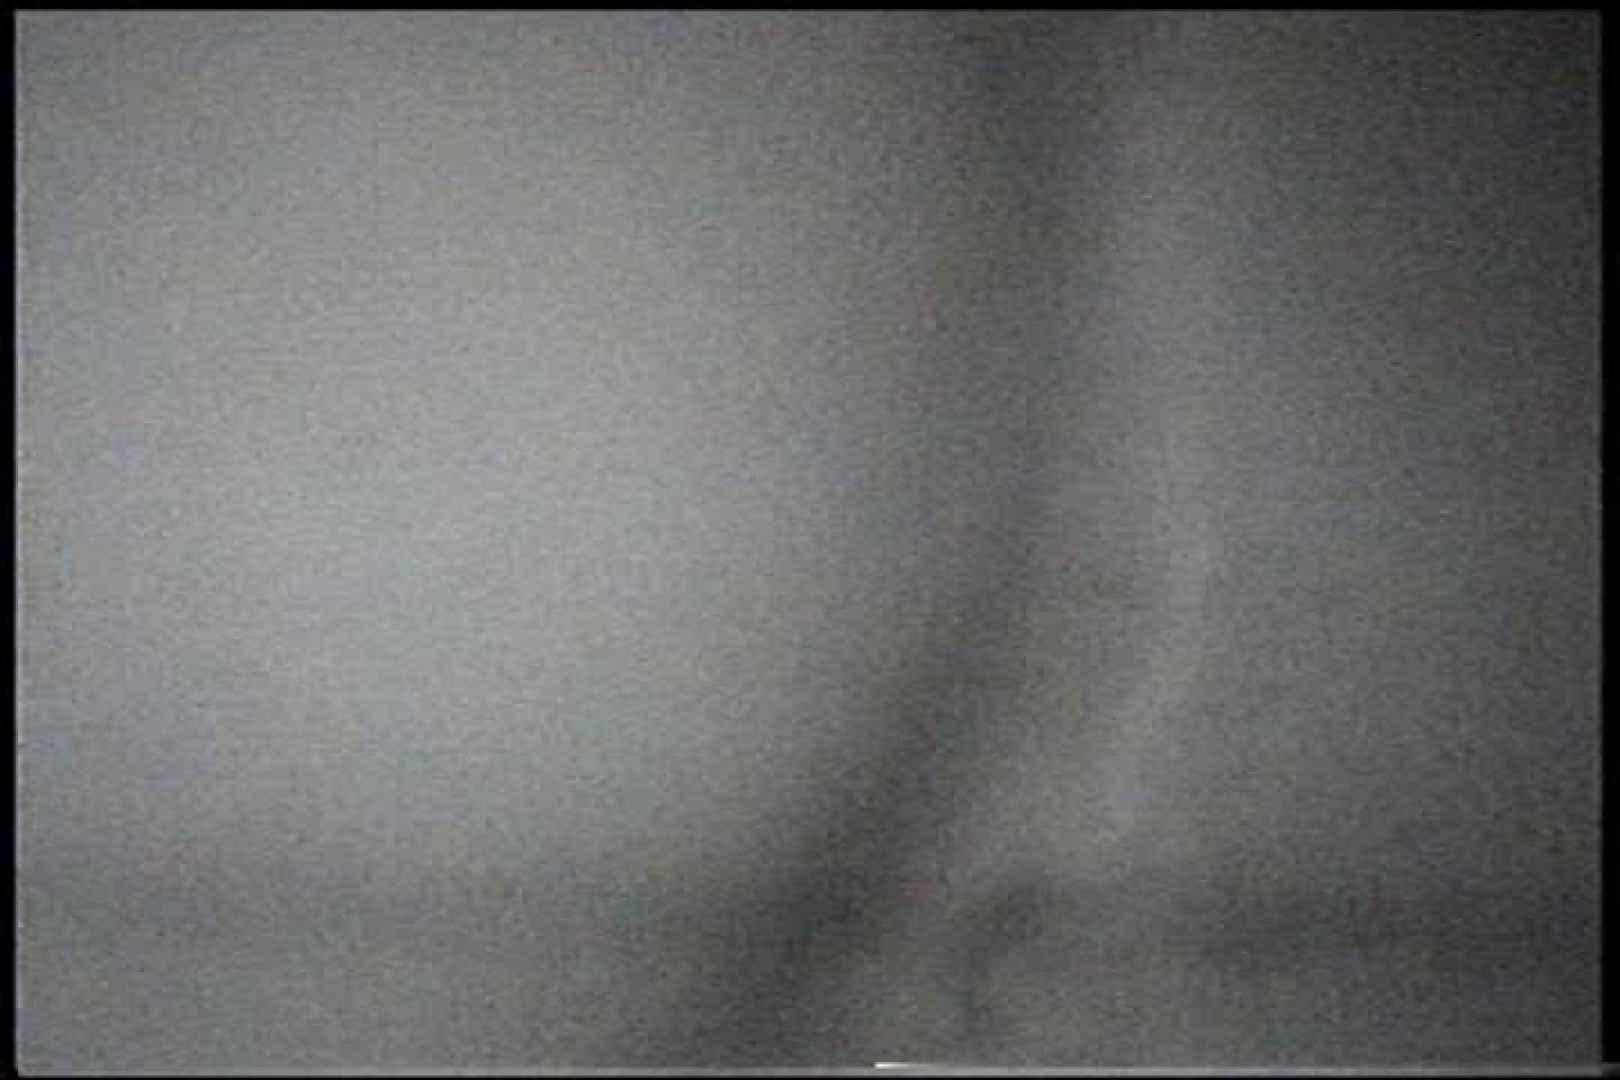 「充血監督」さんの深夜の運動会!! vol.246 プライベート  70PIX 23